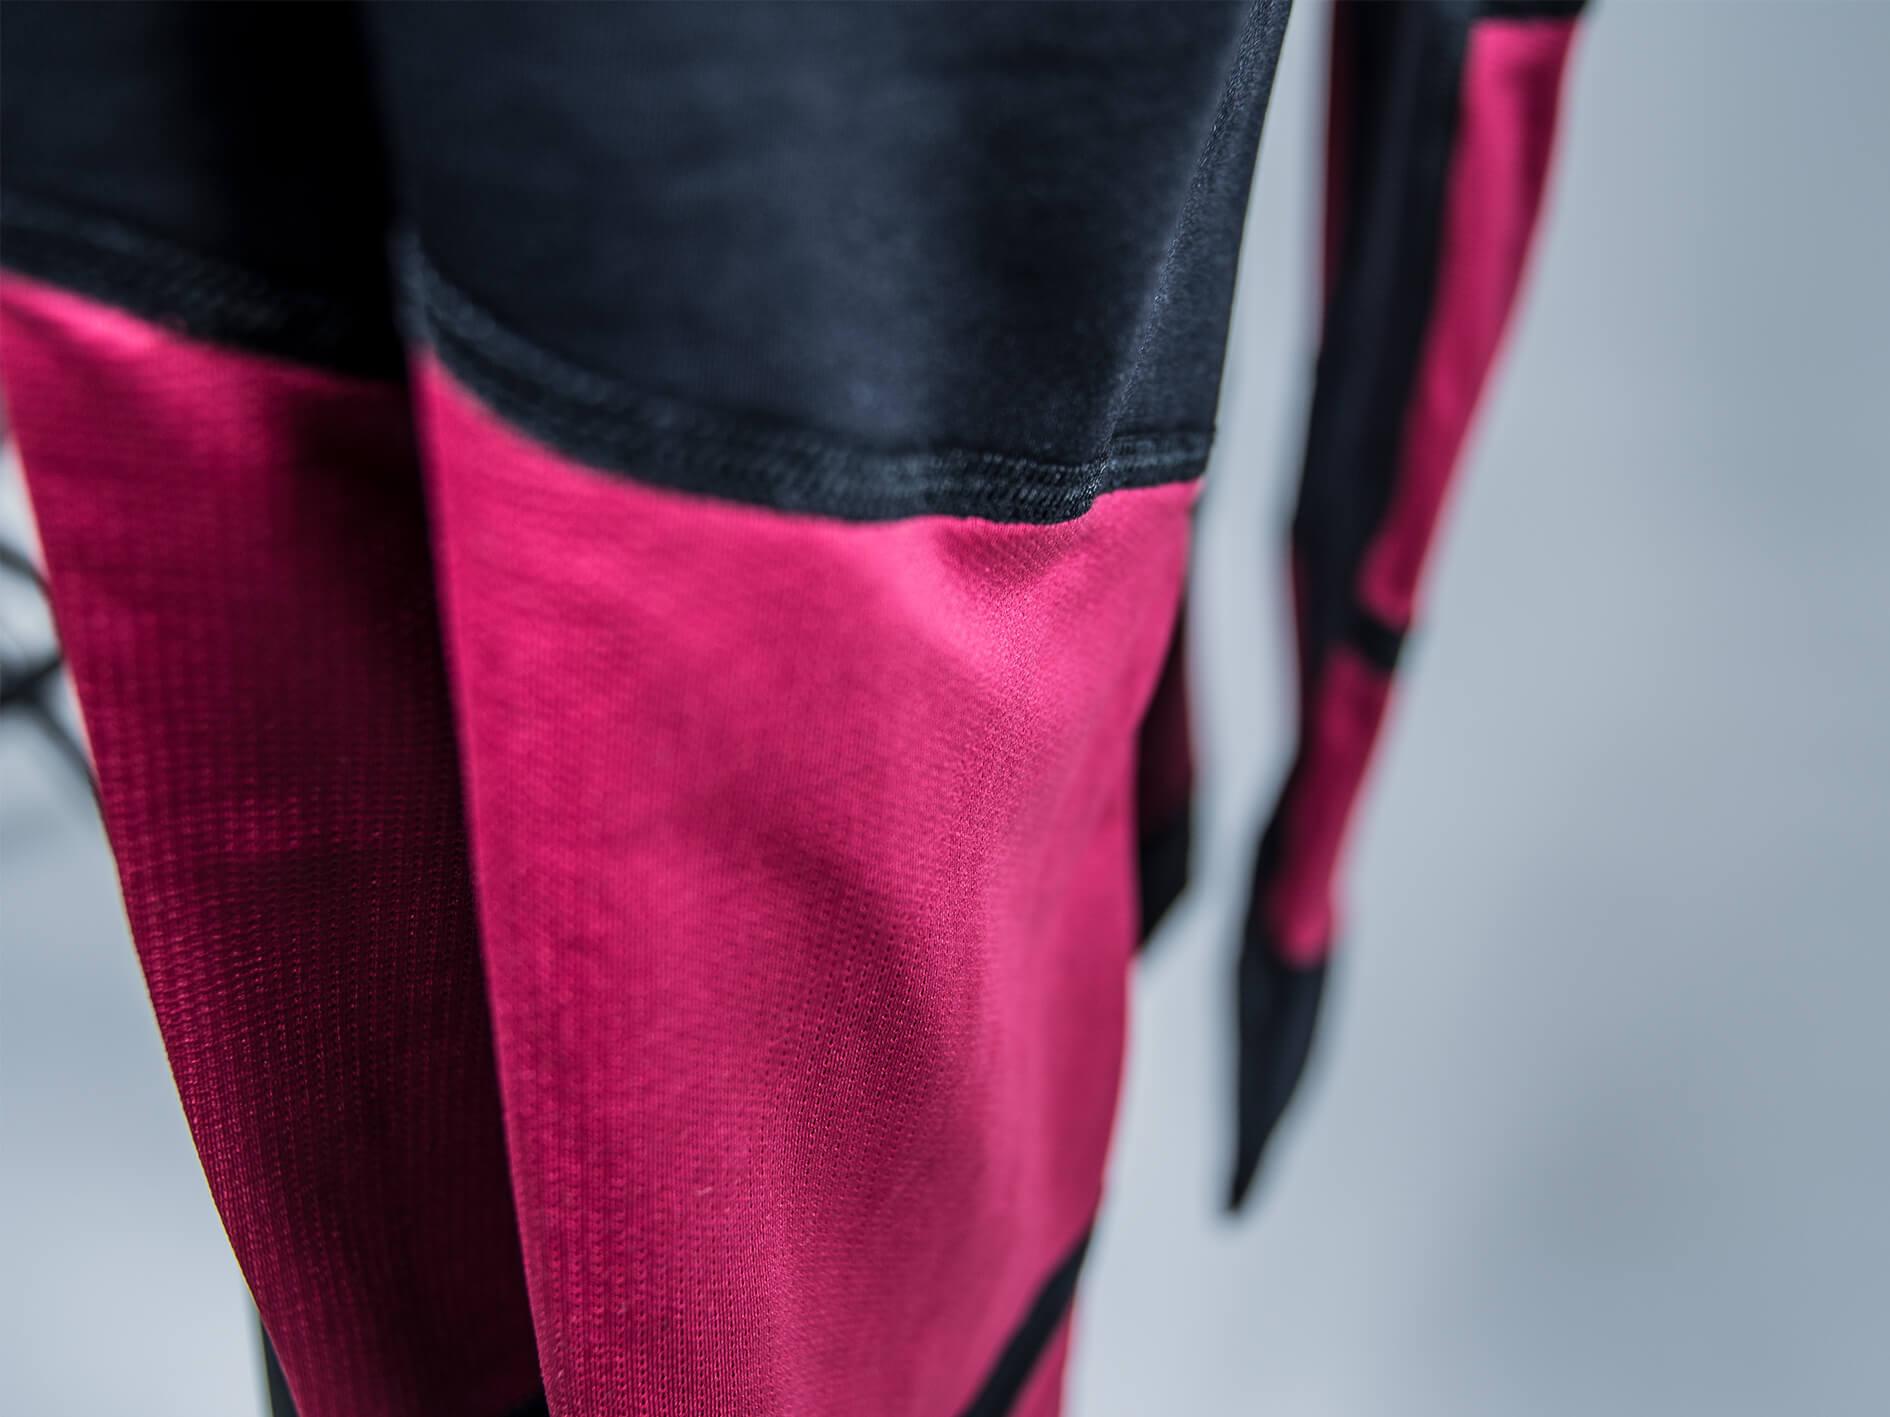 FEFLOGX Sportswear Damen Leggings Motion, Detail-Foto.